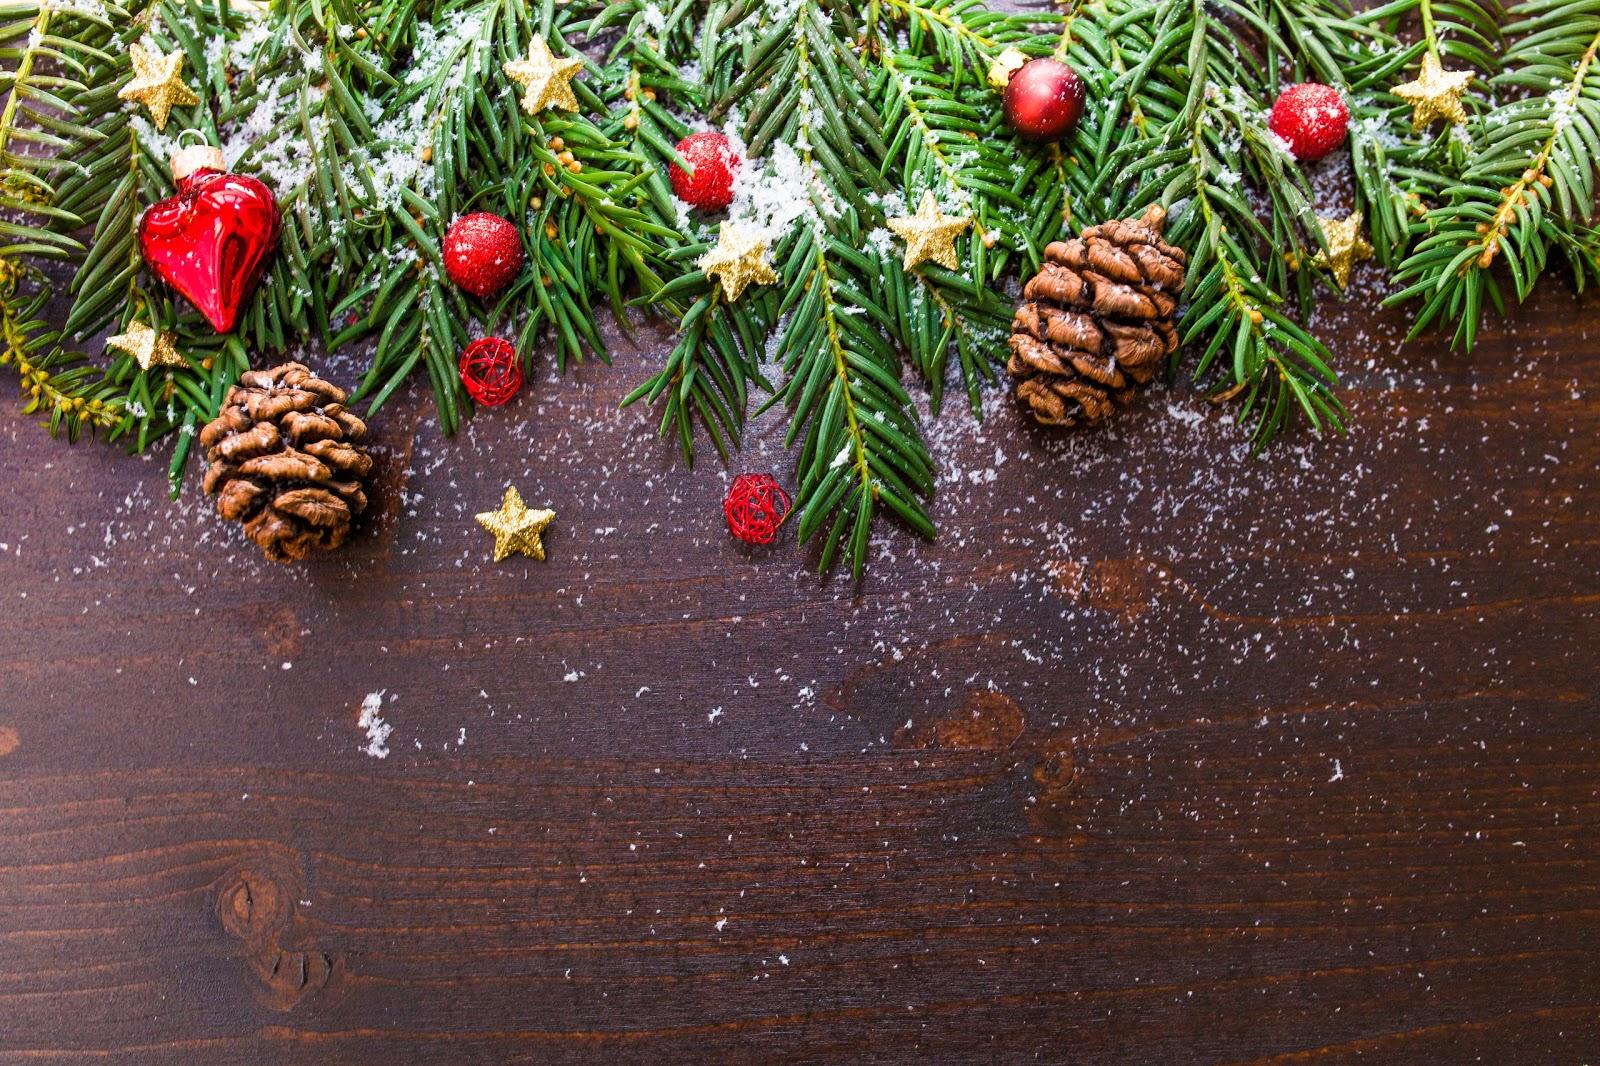 雪混じりの樅の木の葉と松毬と赤い玉と金の星のクリスマス装飾